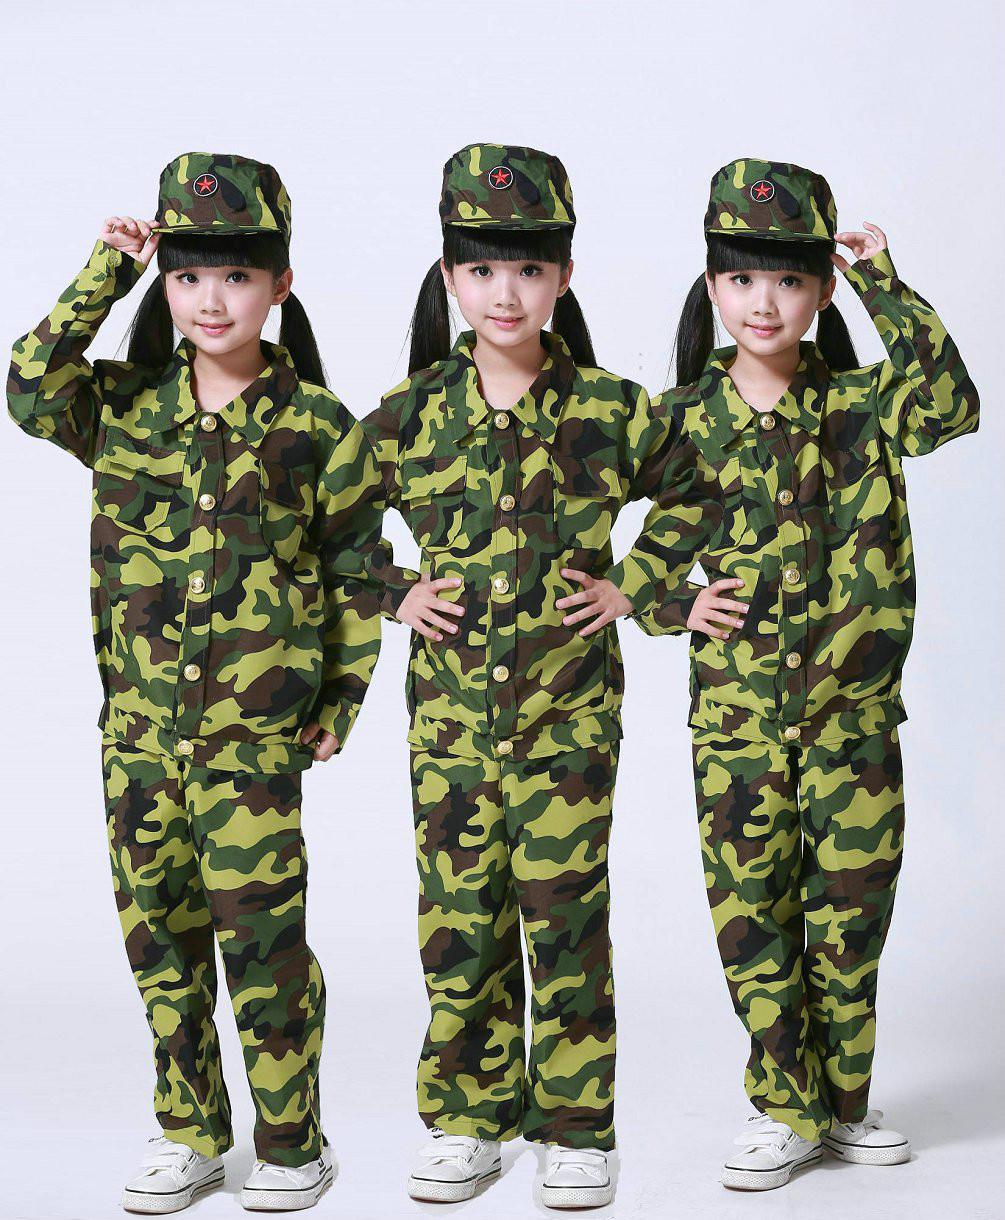 [해외]어린이 밀리터리용 유니폼 위장 복장 전술 위장 페인트 볼 유니폼 어린이 야외 학교 밀리터리 훈련/Children&s Military Uniform Camouflage Clothing Tactical Camouflage Paintball Uniform for Ki